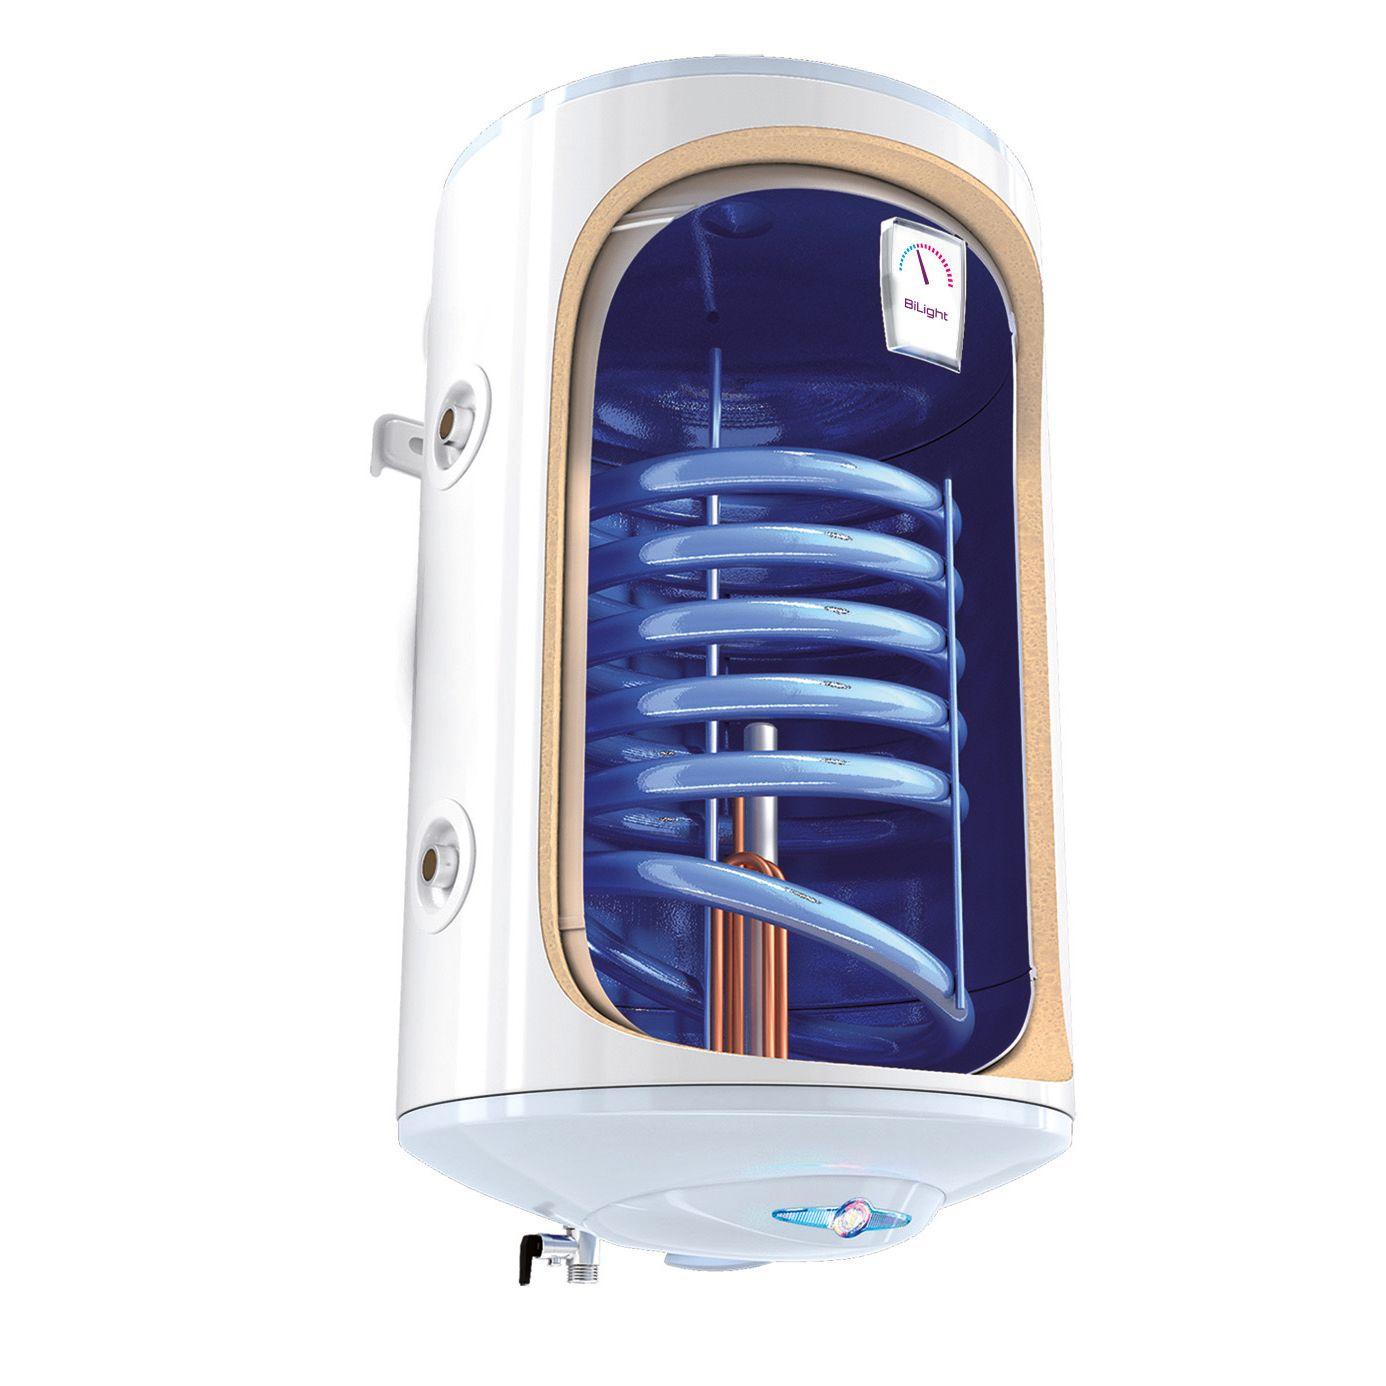 Boiler termoelectric cu serpentina TESY BiLight GCVSL 1004420 B11 TSR, 100 litri, Serpentina pe partea stanga, 0.8 Mpa, 18 mm imagine fornello.ro